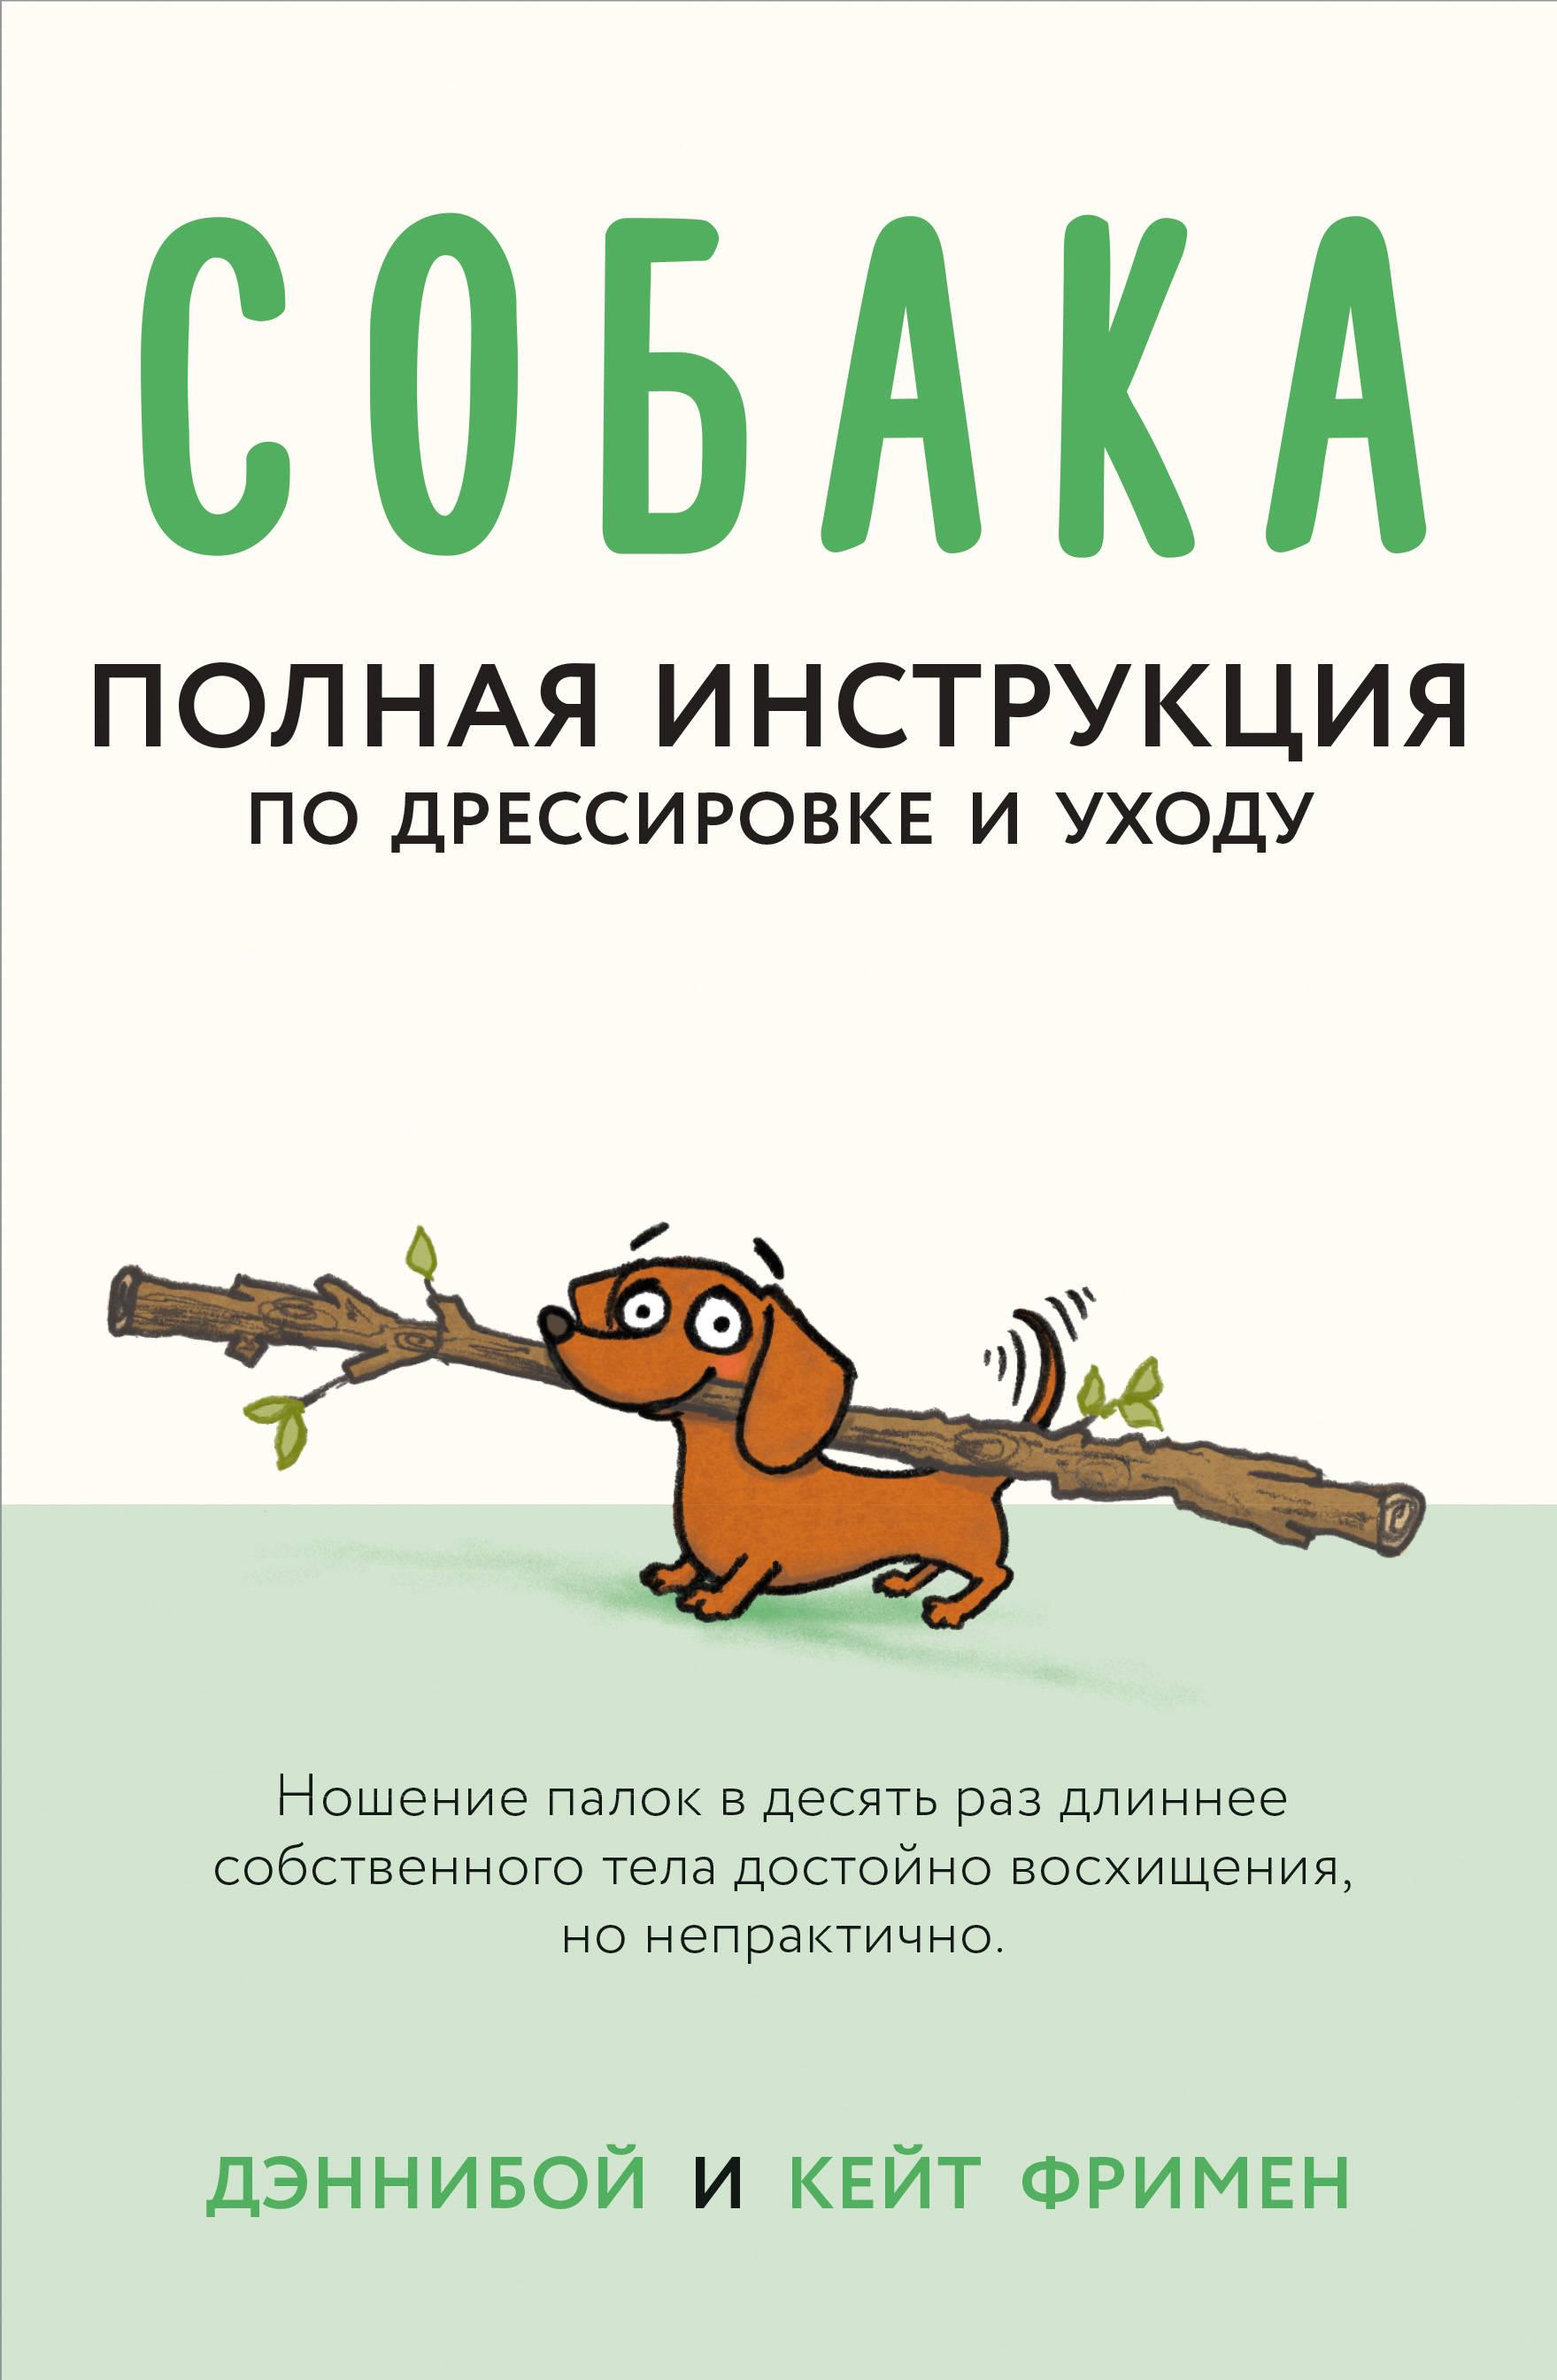 Собака. Полная инструкция по дрессировке и уходу ( Дэннибой, Фримен Кейт  )